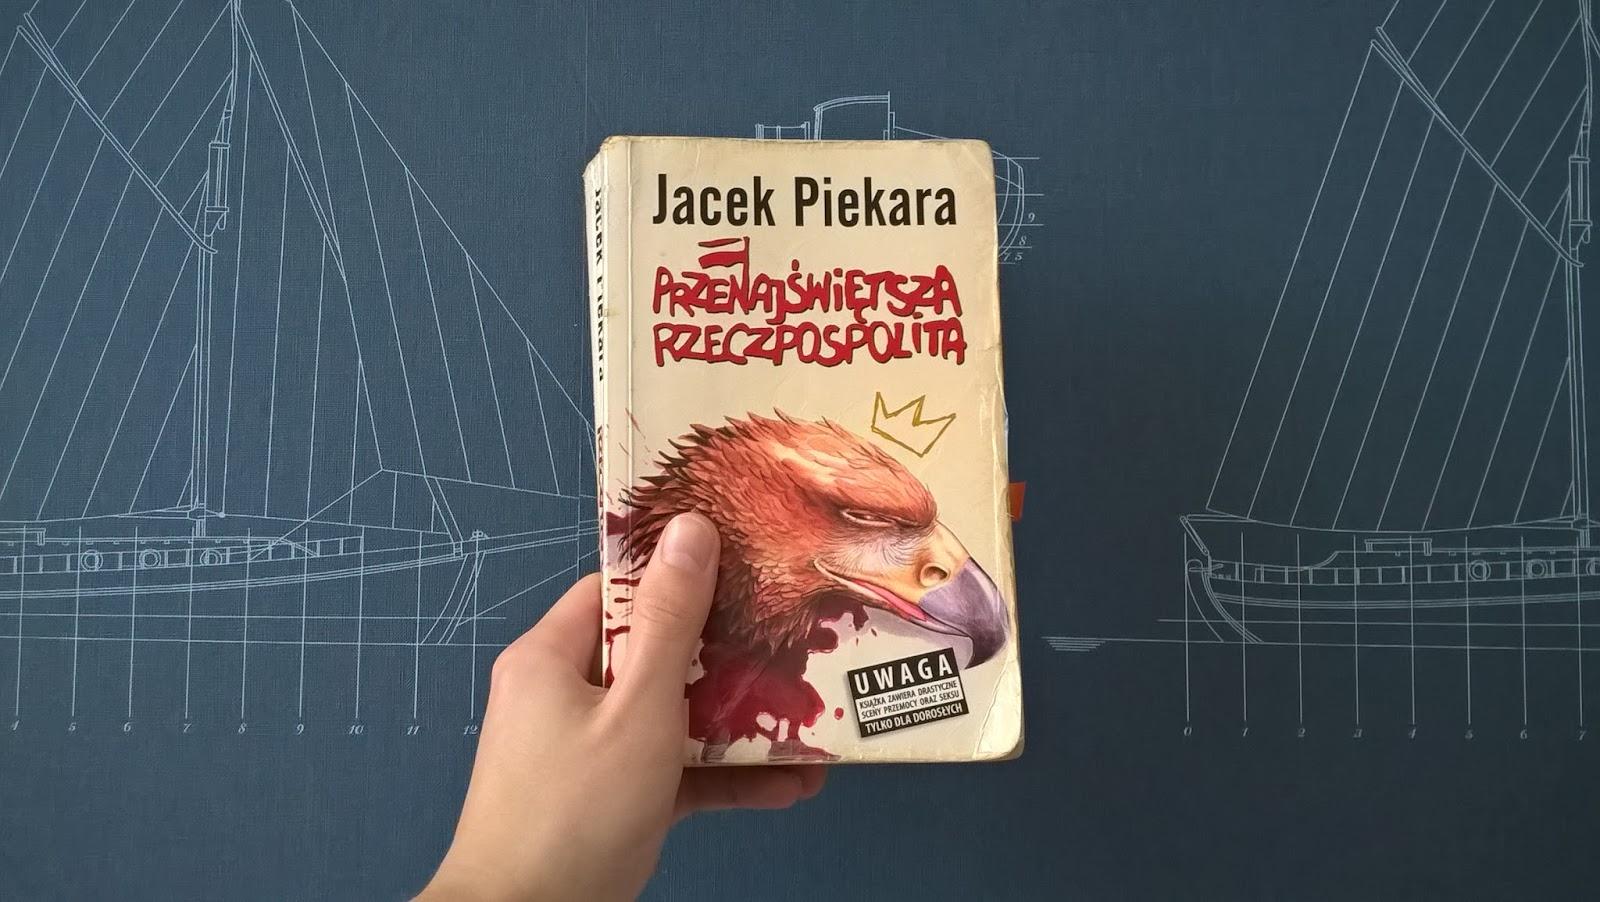 """Recenzja #3 """"Przenajświętsza Rzeczpospolita"""" - Jacek Piekara"""